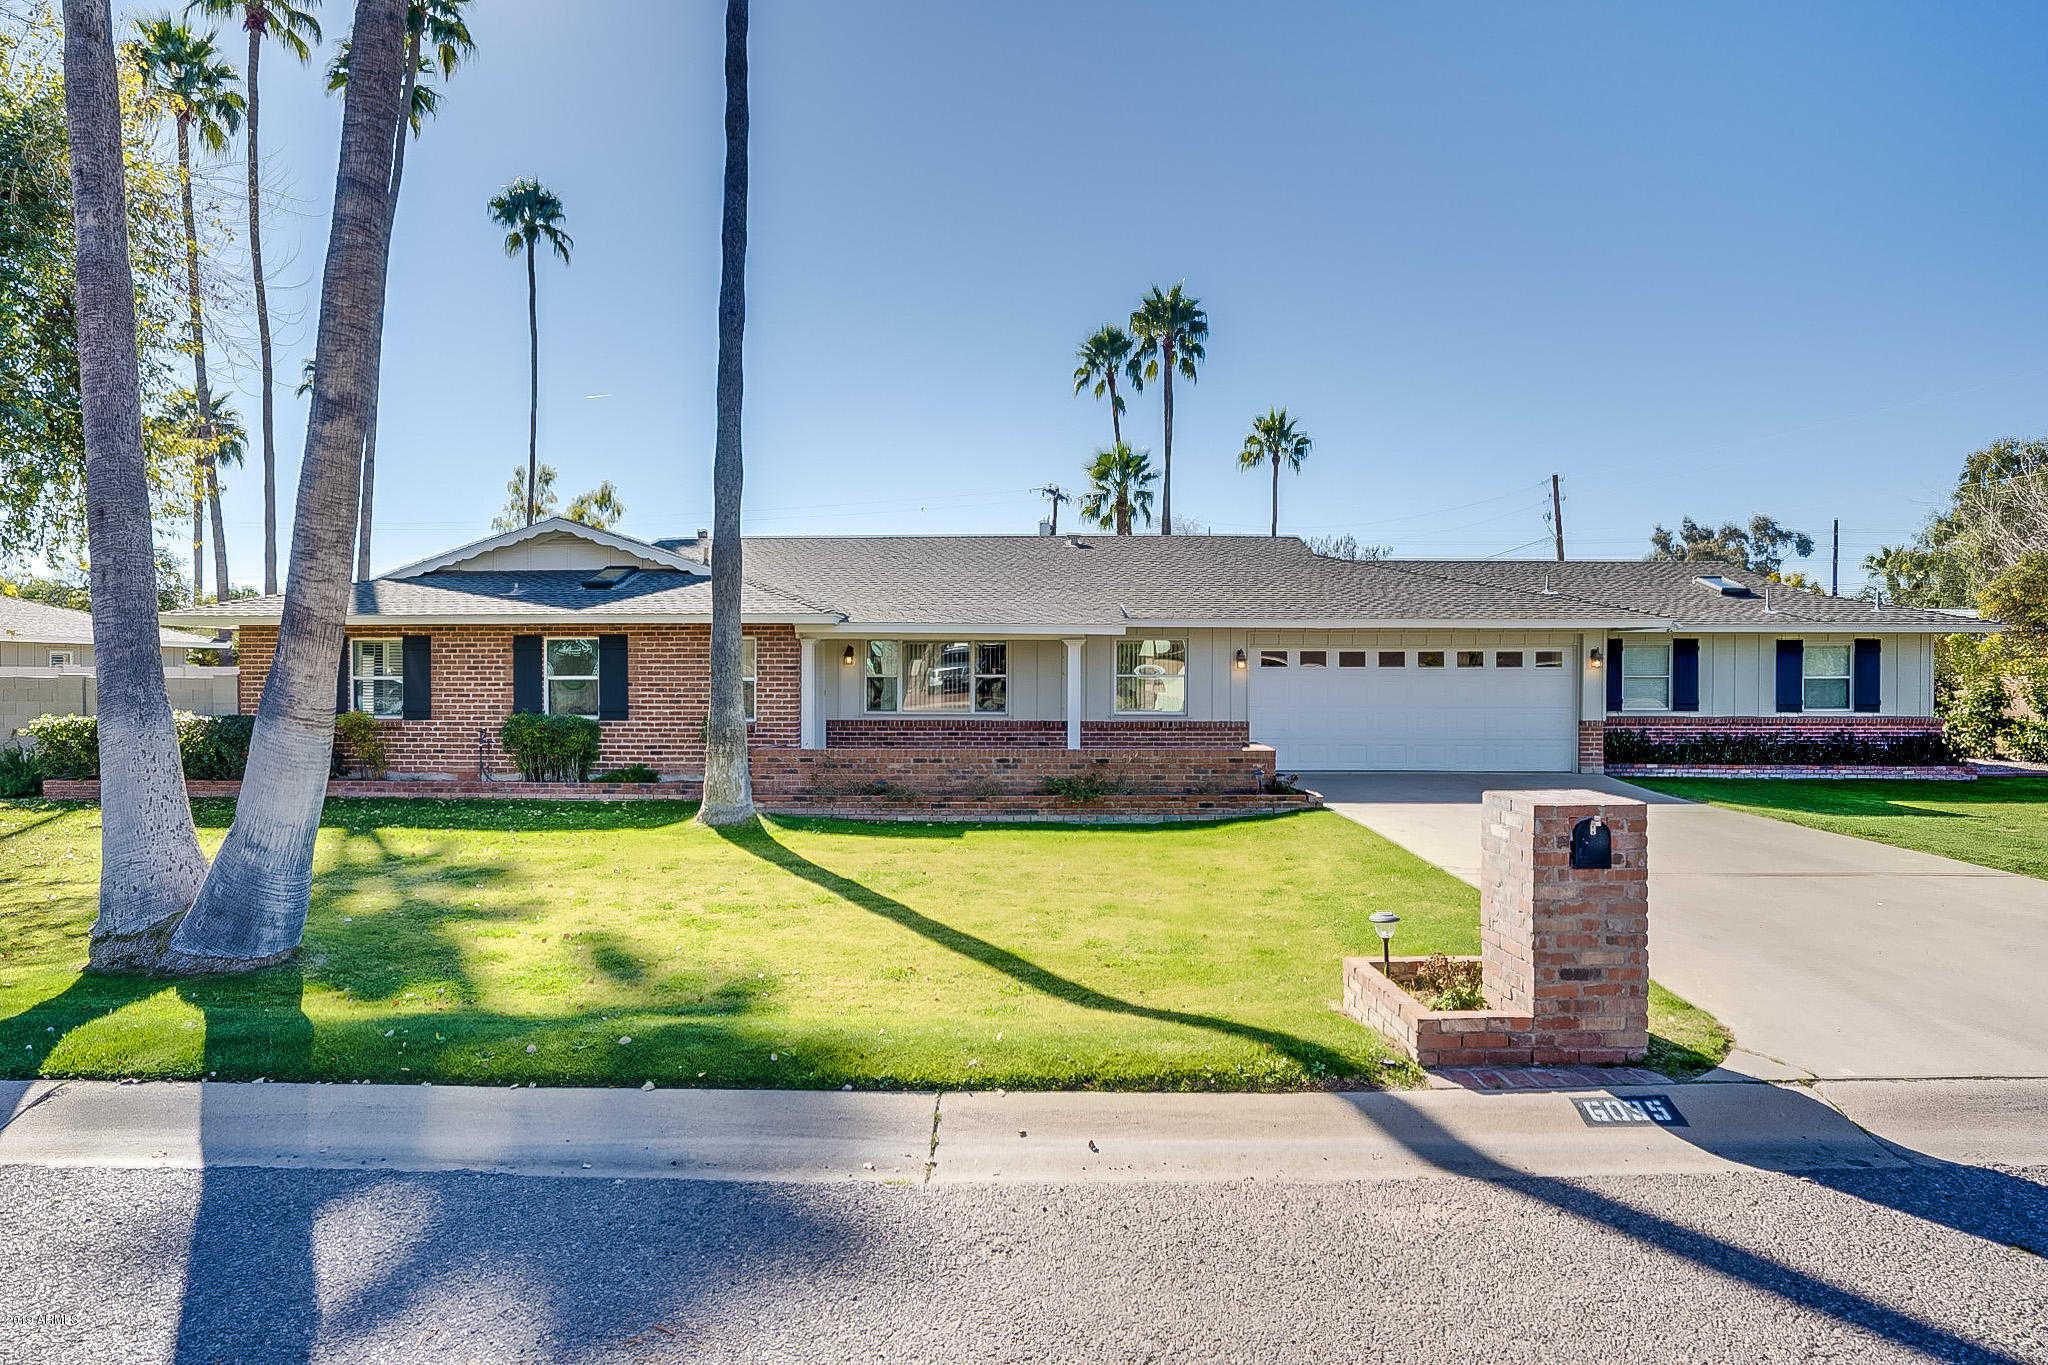 $5,200 - 4Br/3Ba - Home for Sale in Hidden Village, Scottsdale